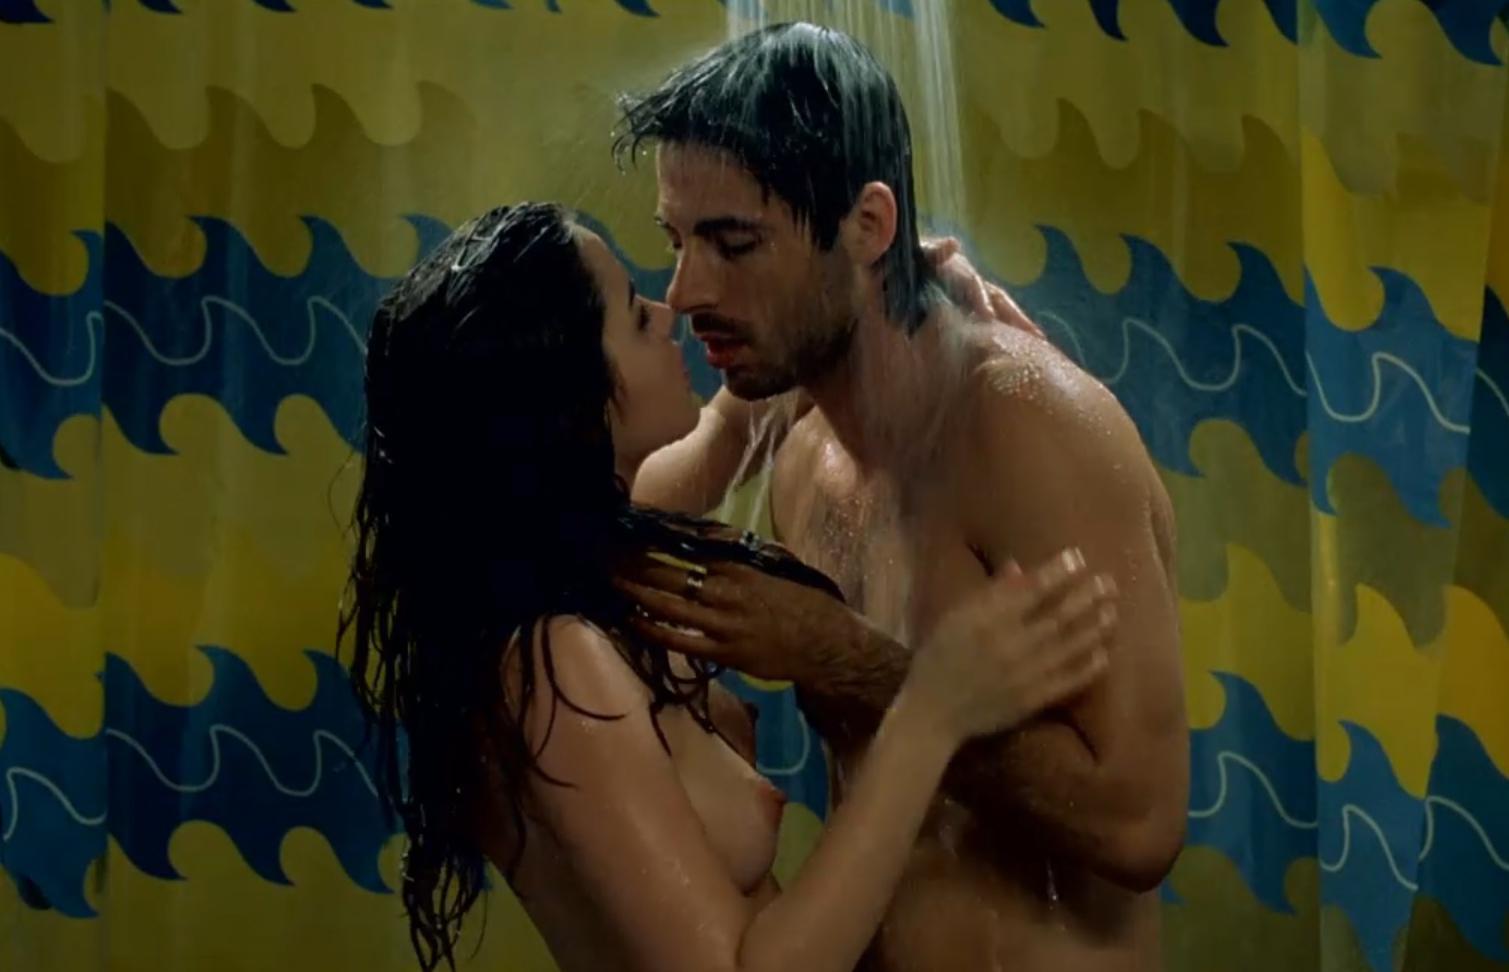 Ana De Armas Boobs ana de armas nude boobs in mentiras y gordas movie - free video